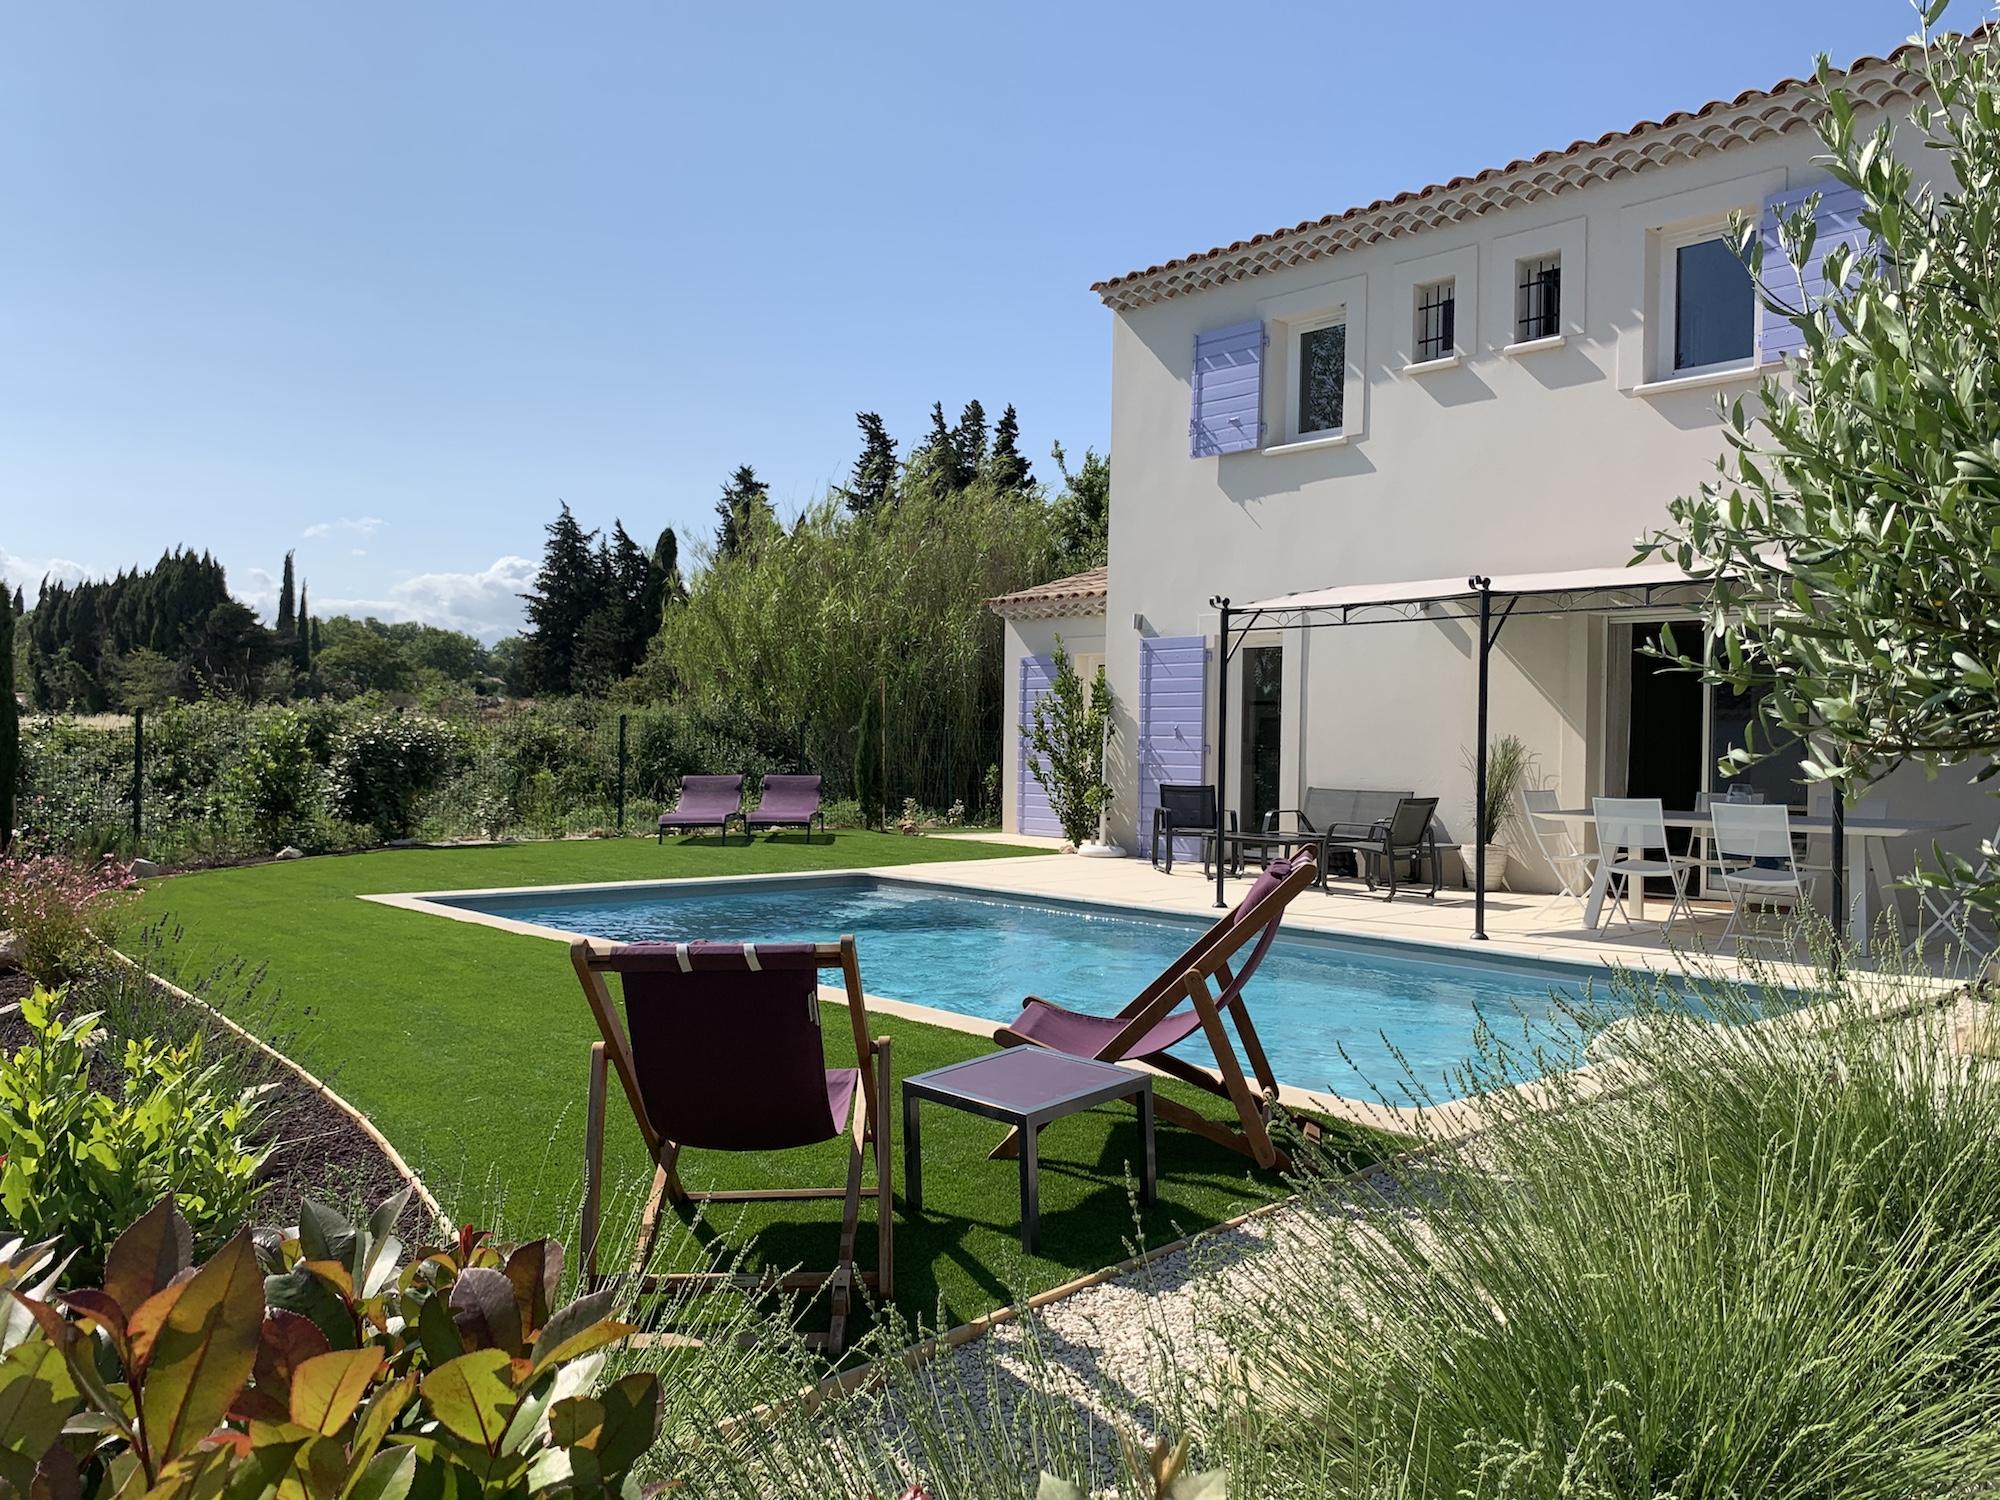 Location villa provence - Villa Rolo dans les Alpilles